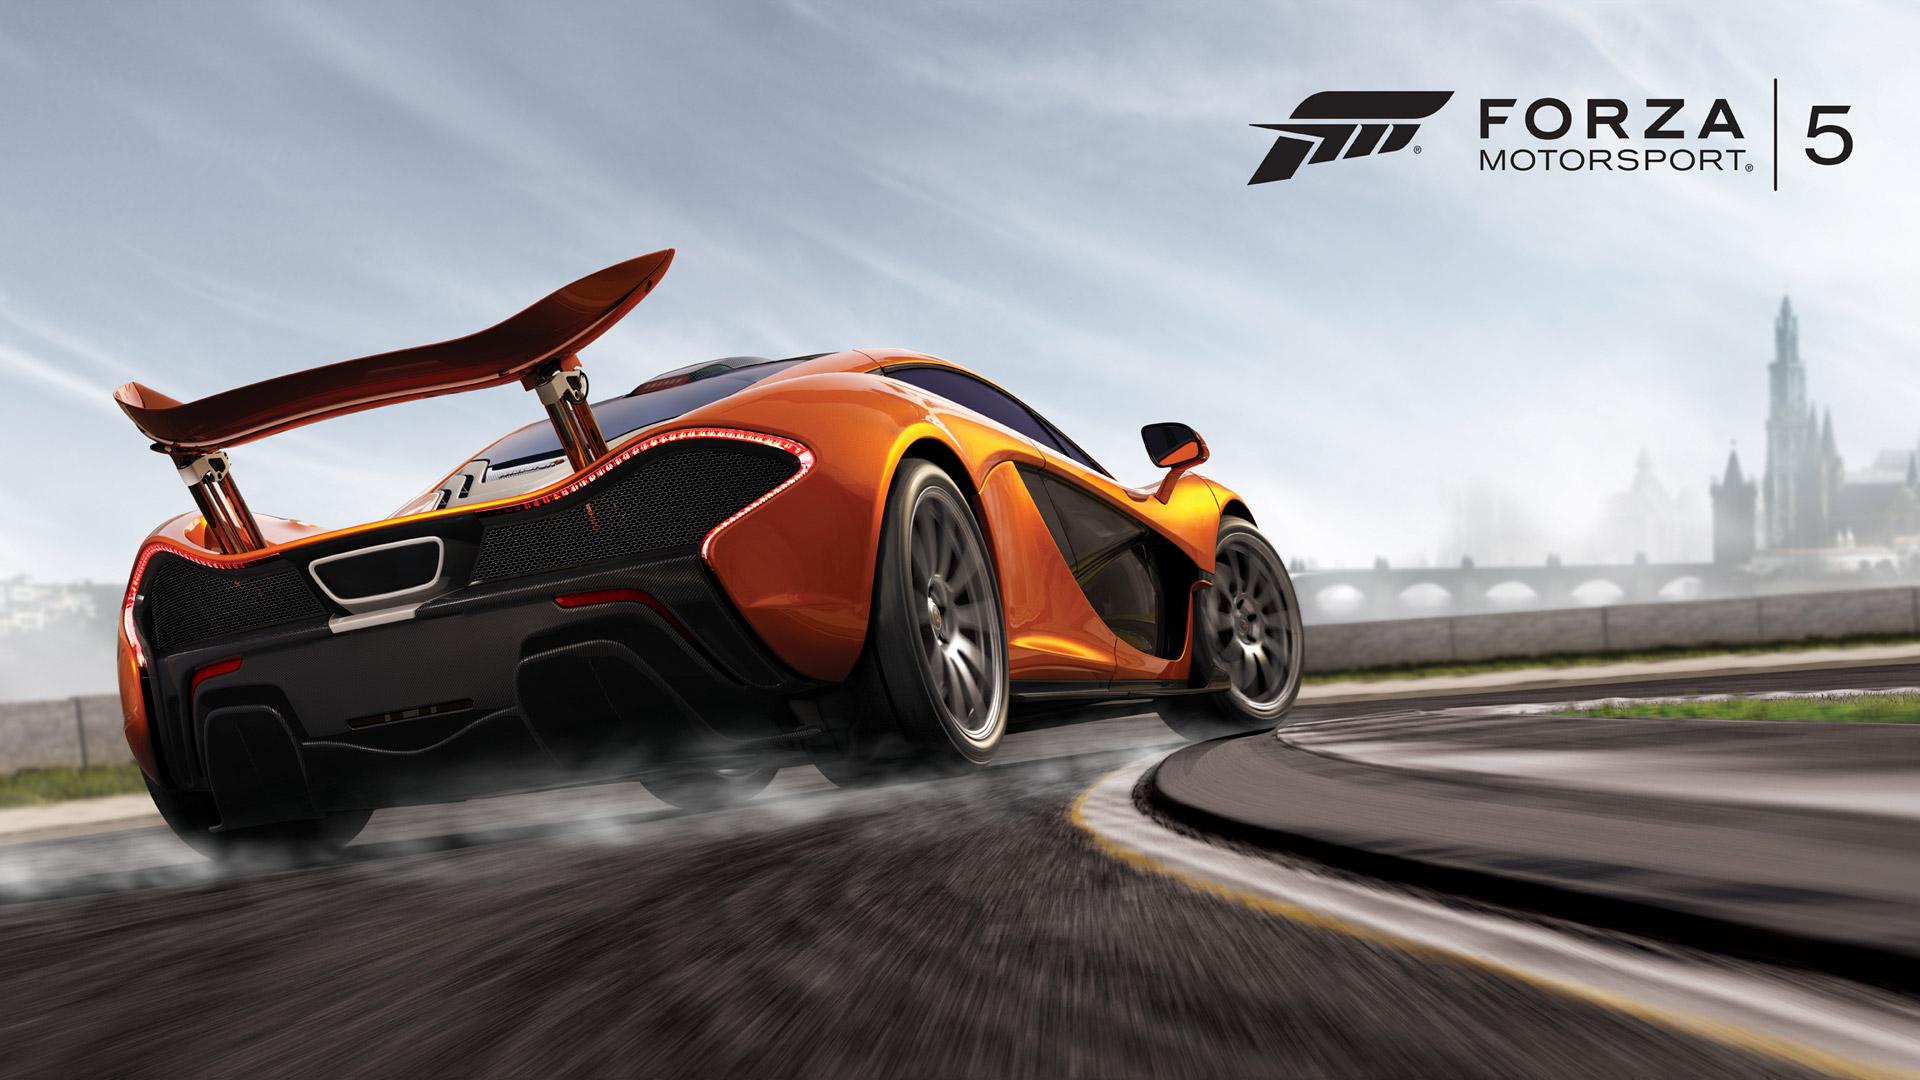 Forza Motorsport 5 wallpaper 14